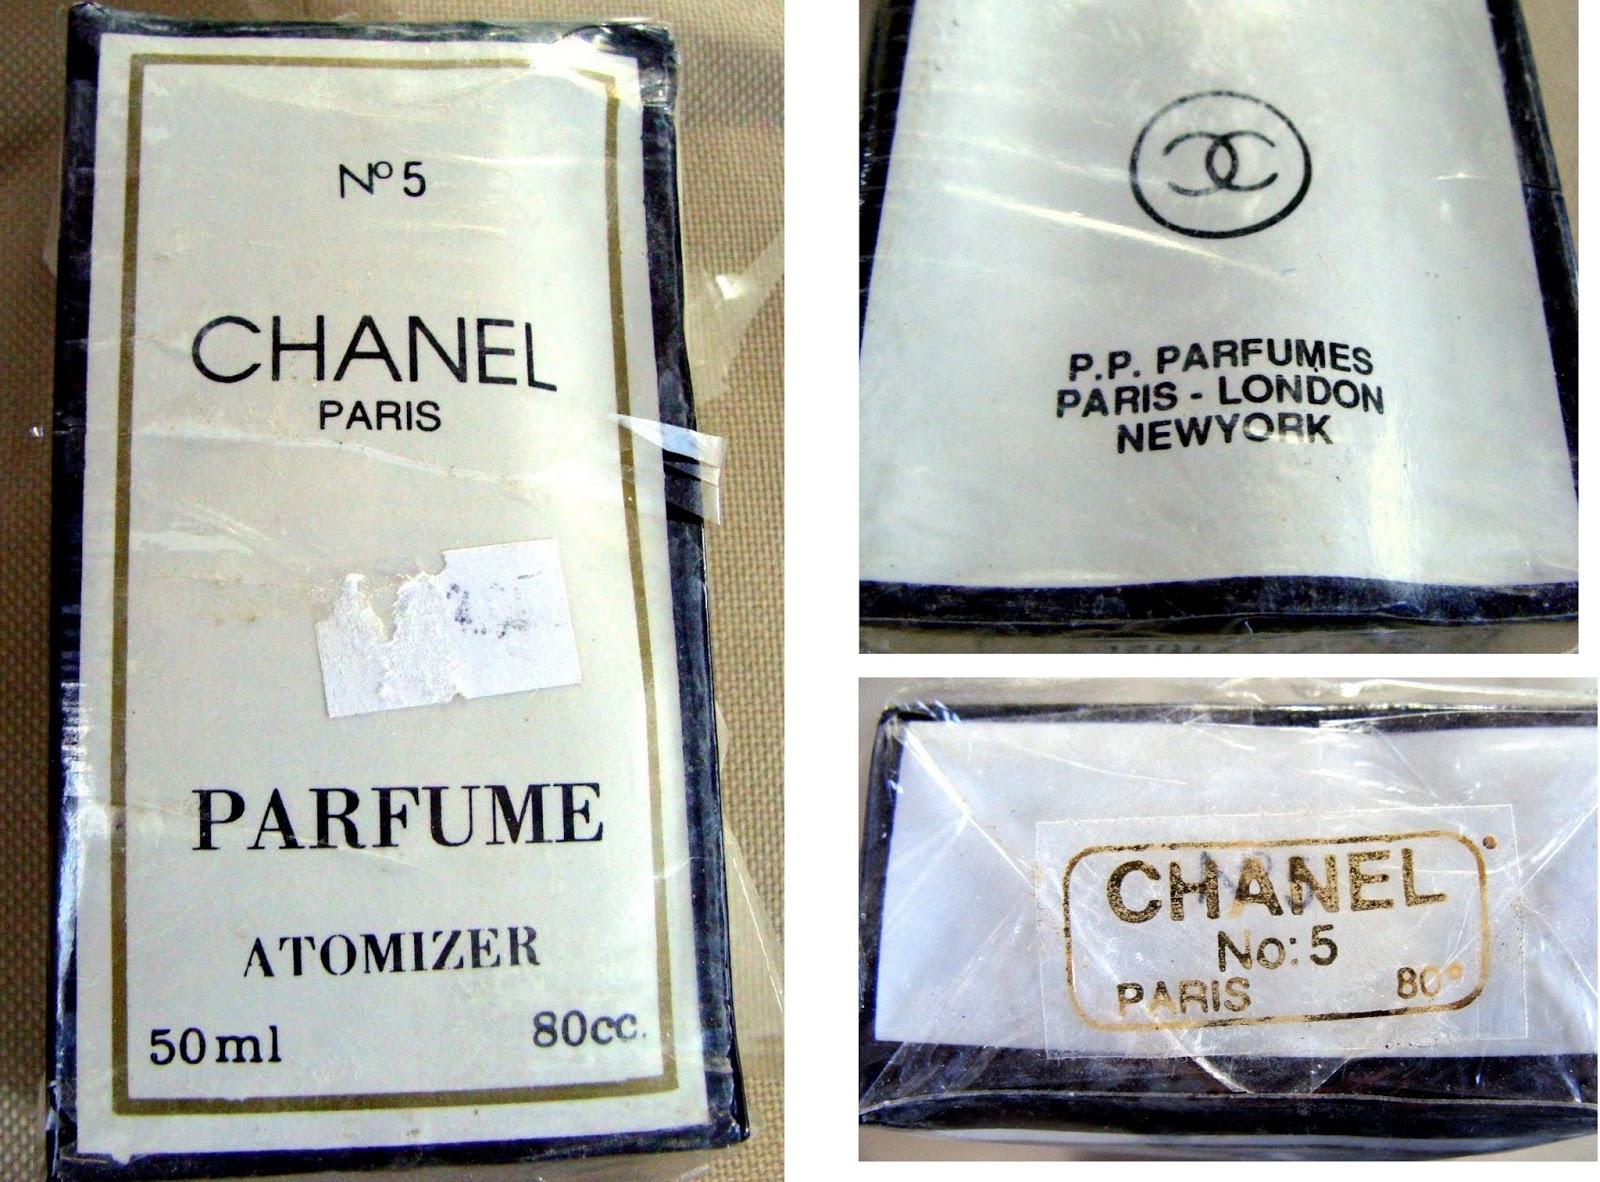 Chanel Perfume Bottles: Preventing Fakes!